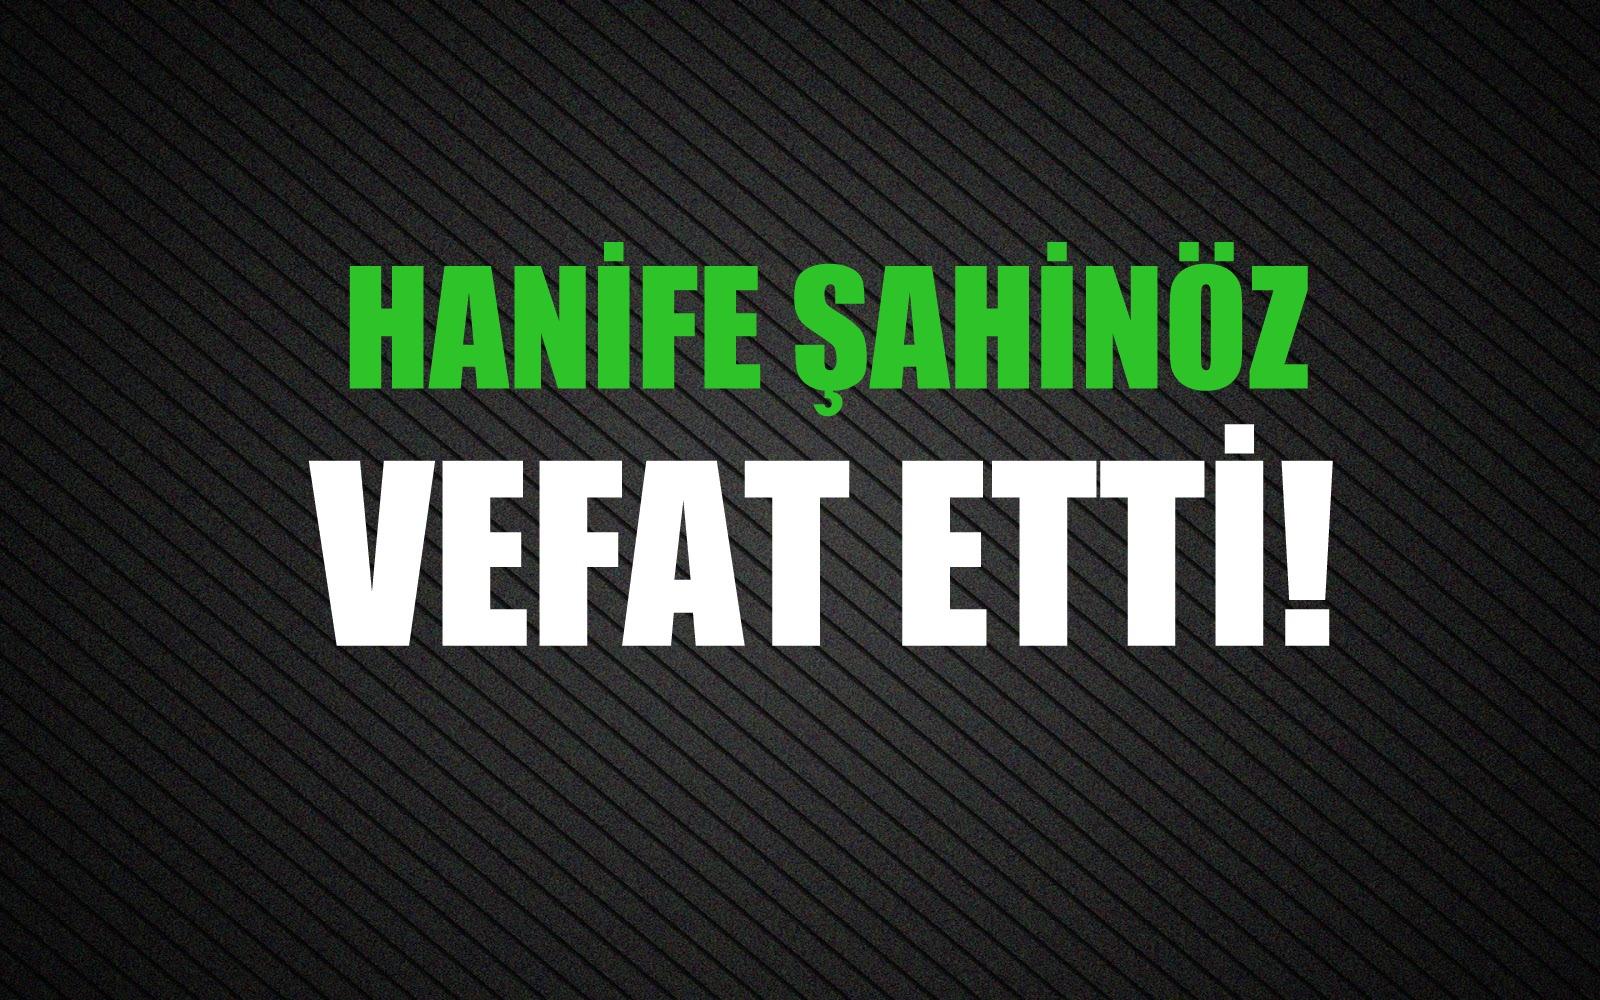 ŞAHİNÖZ AİLESİNİN ACI GÜNÜ!..